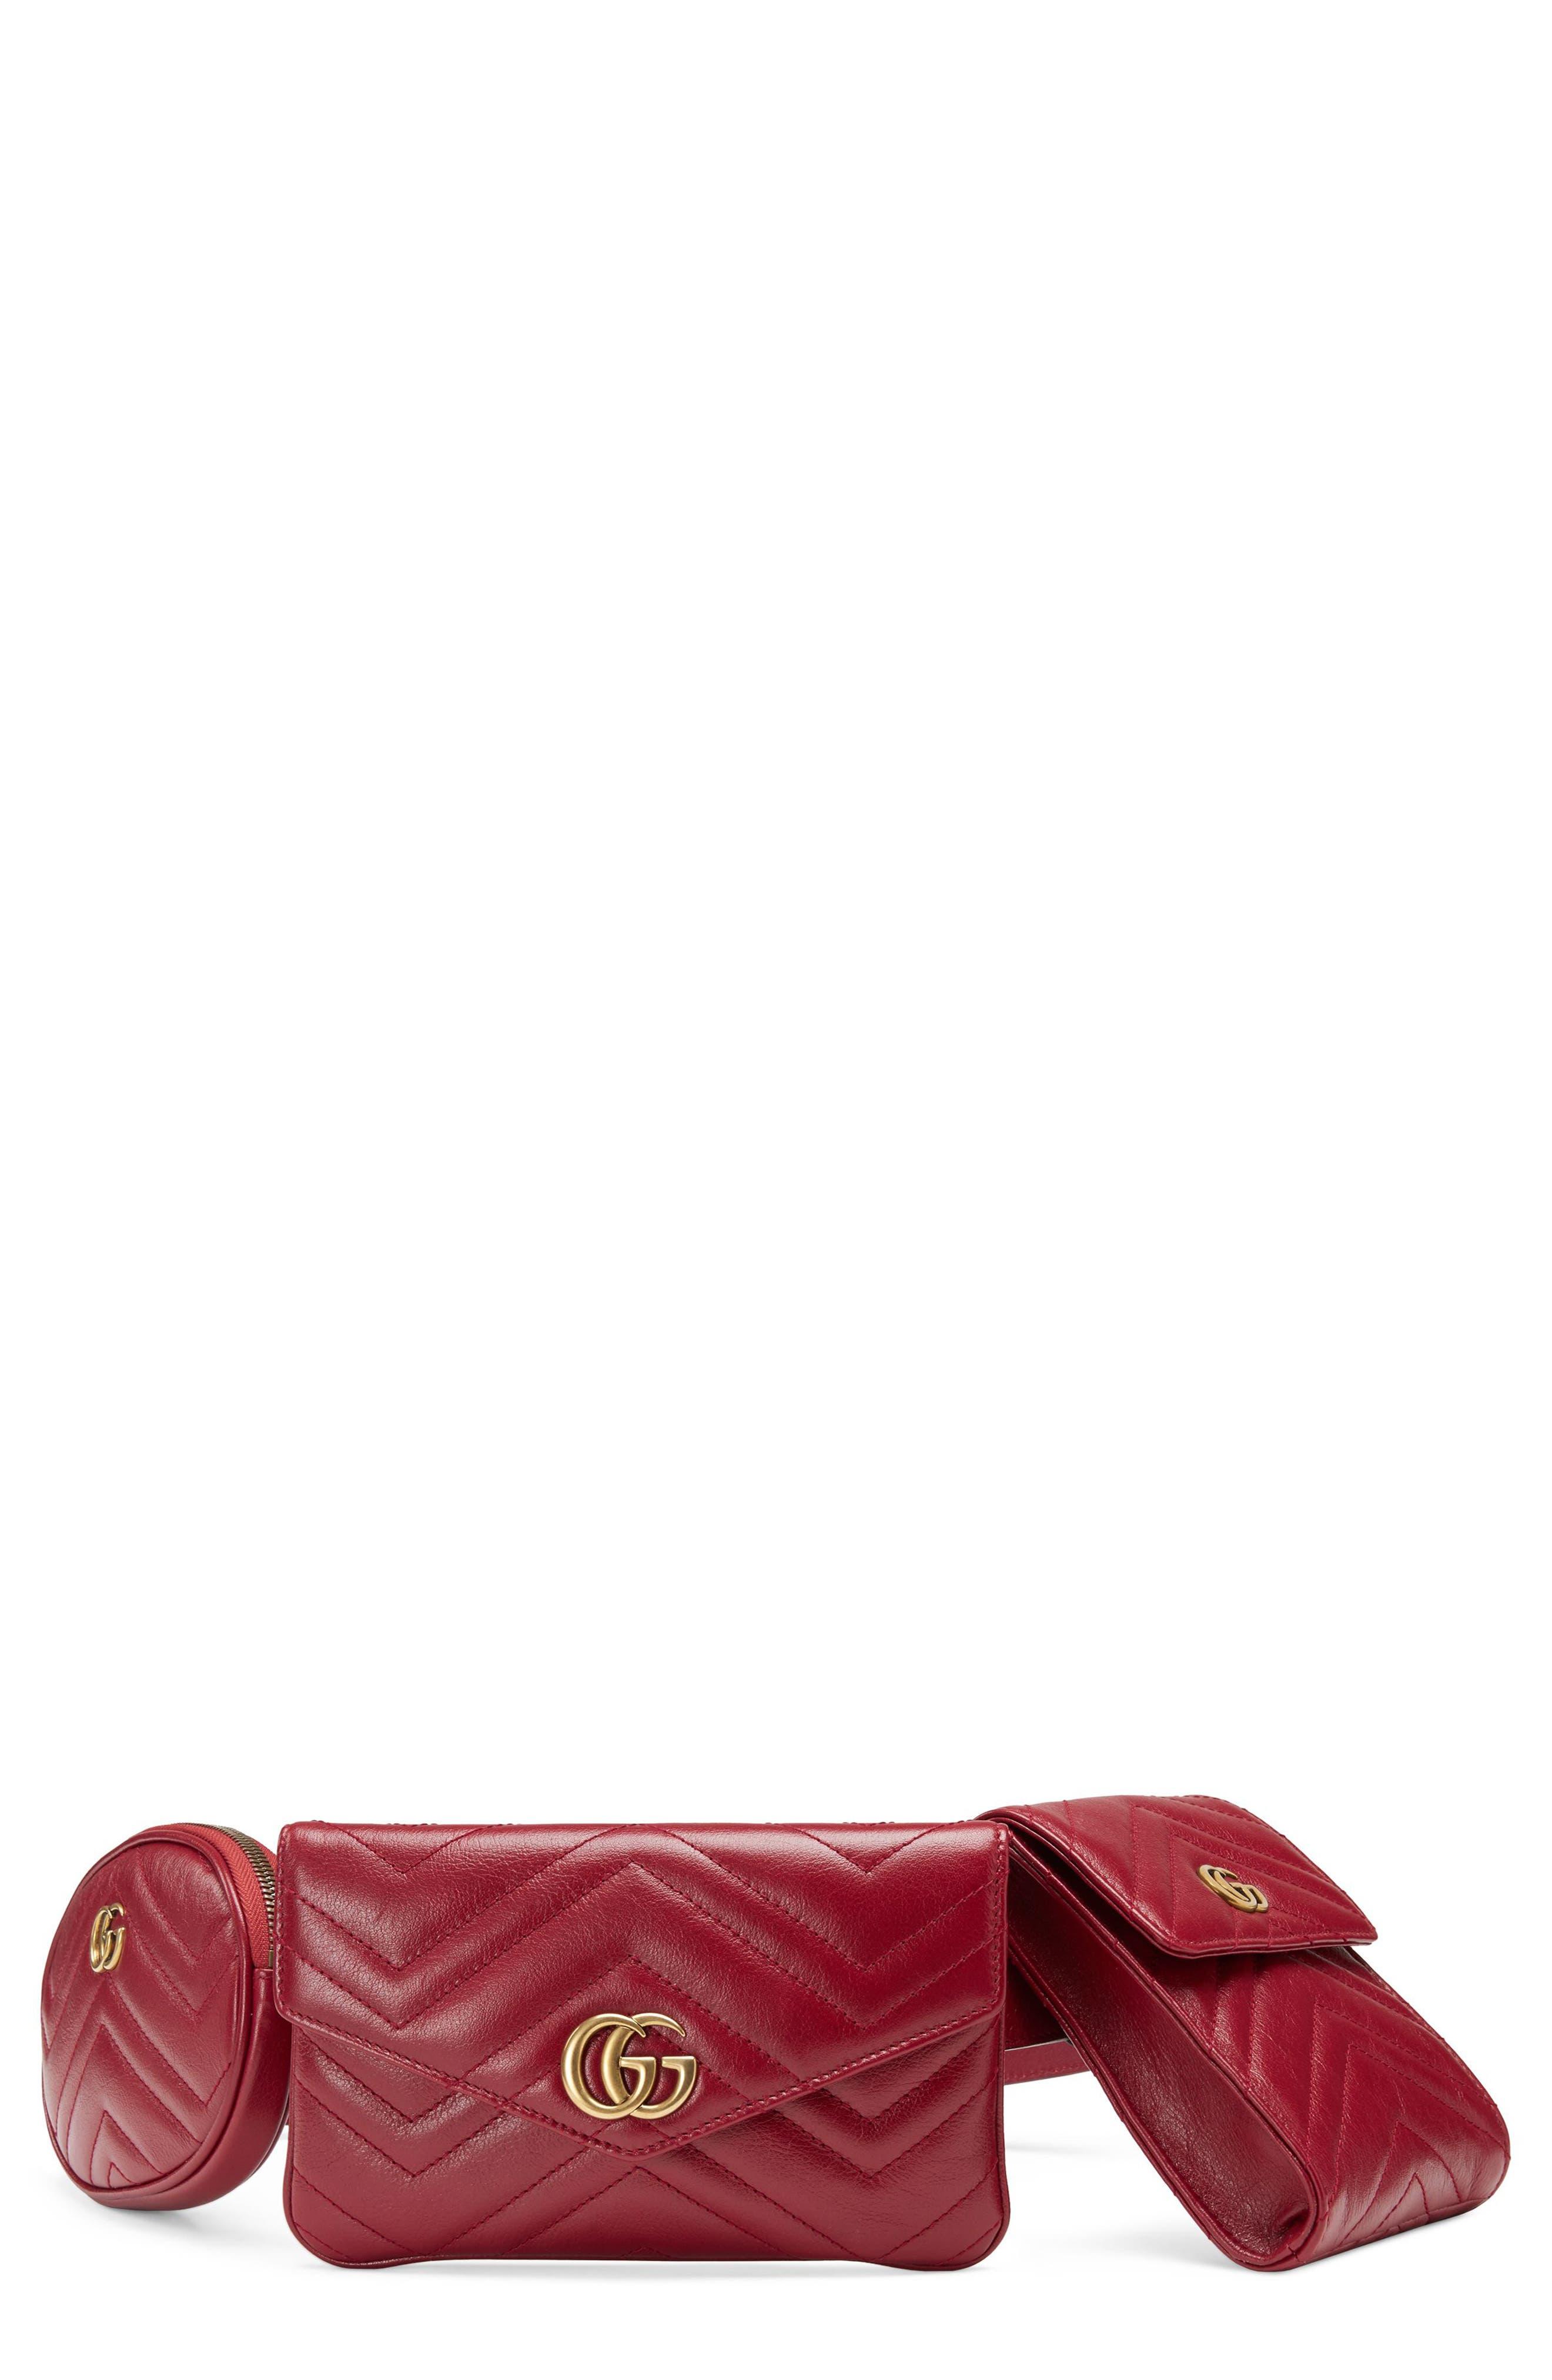 GG Marmont 2.0 Matelassé Triple Pouch Leather Belt Bag,                             Main thumbnail 1, color,                             Cerise/ Cerise